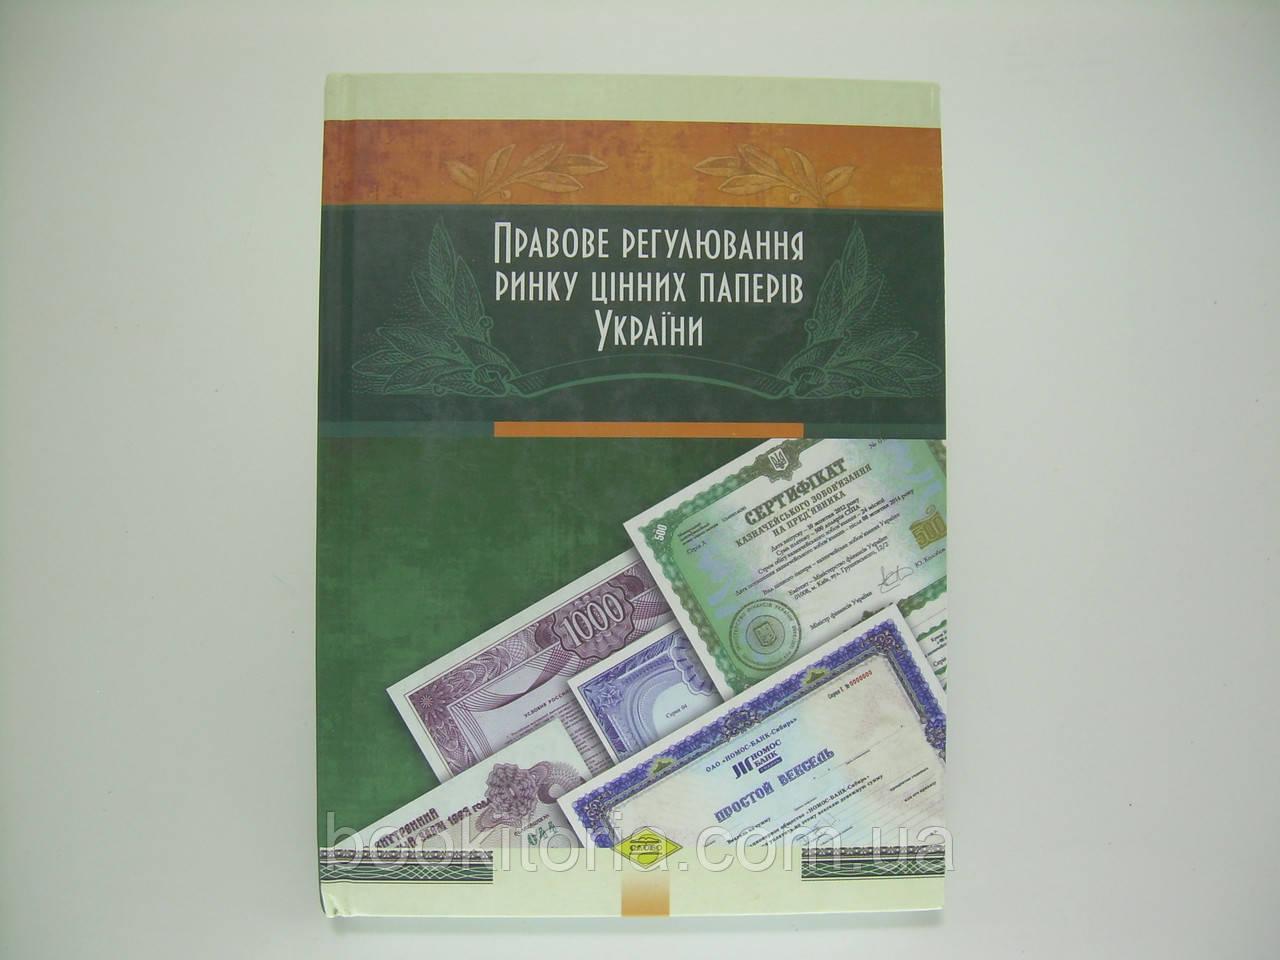 Правове регулювання ринку цінних паперів України (б/у).